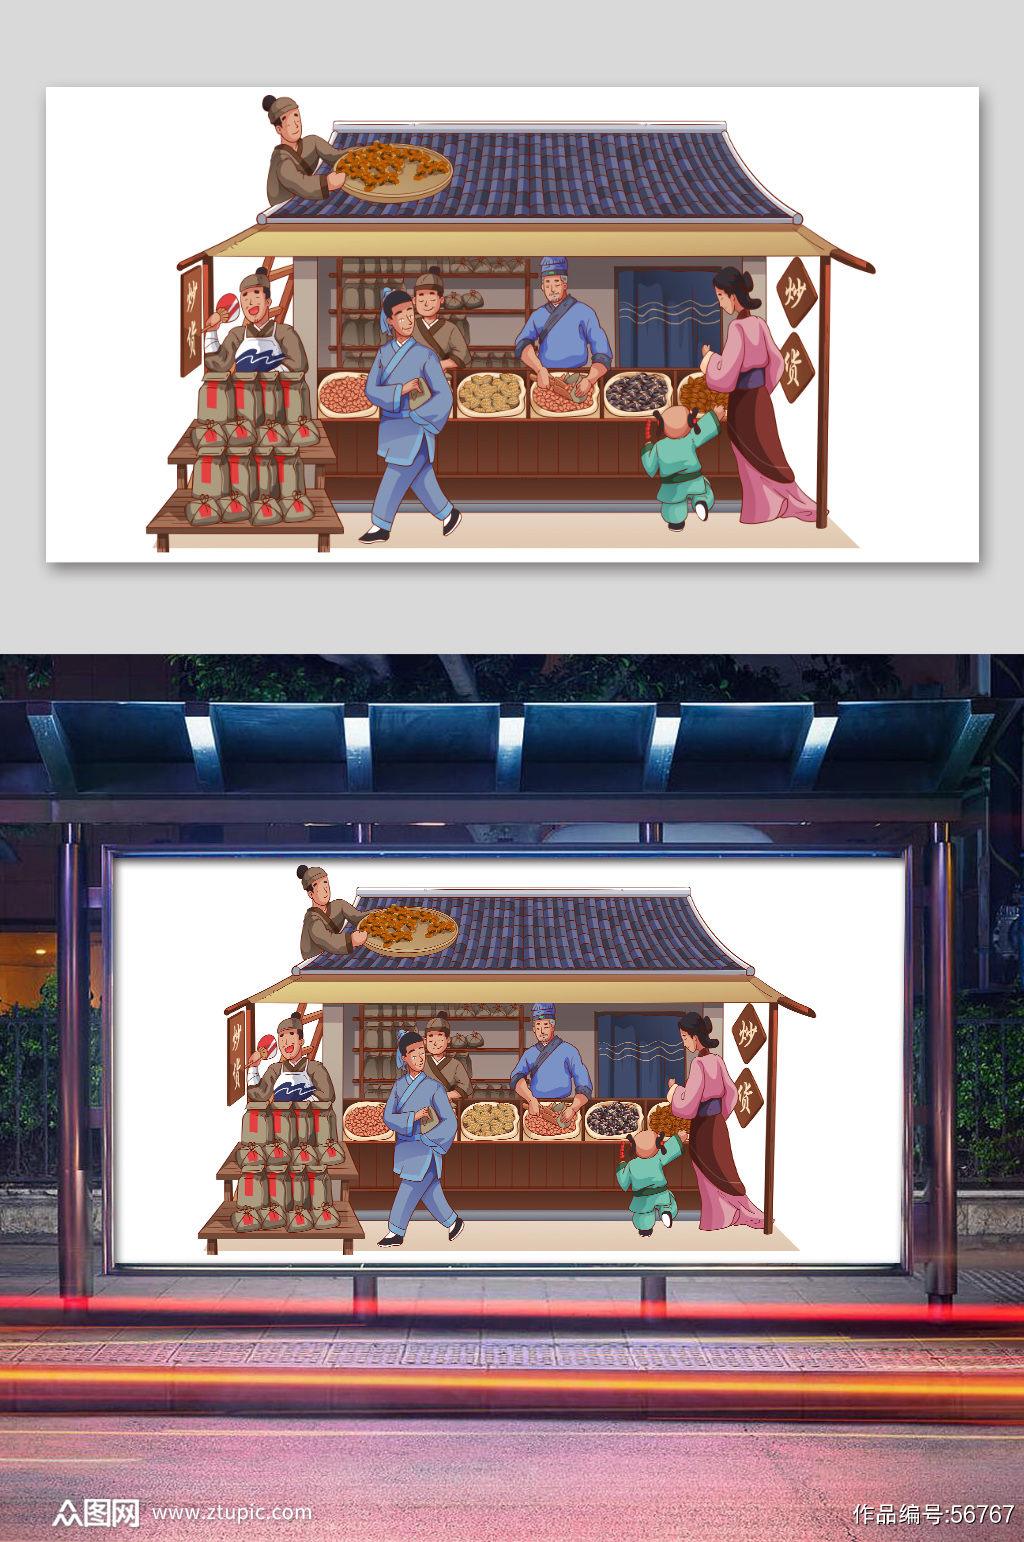 复古中国风炒货店铺插画素材